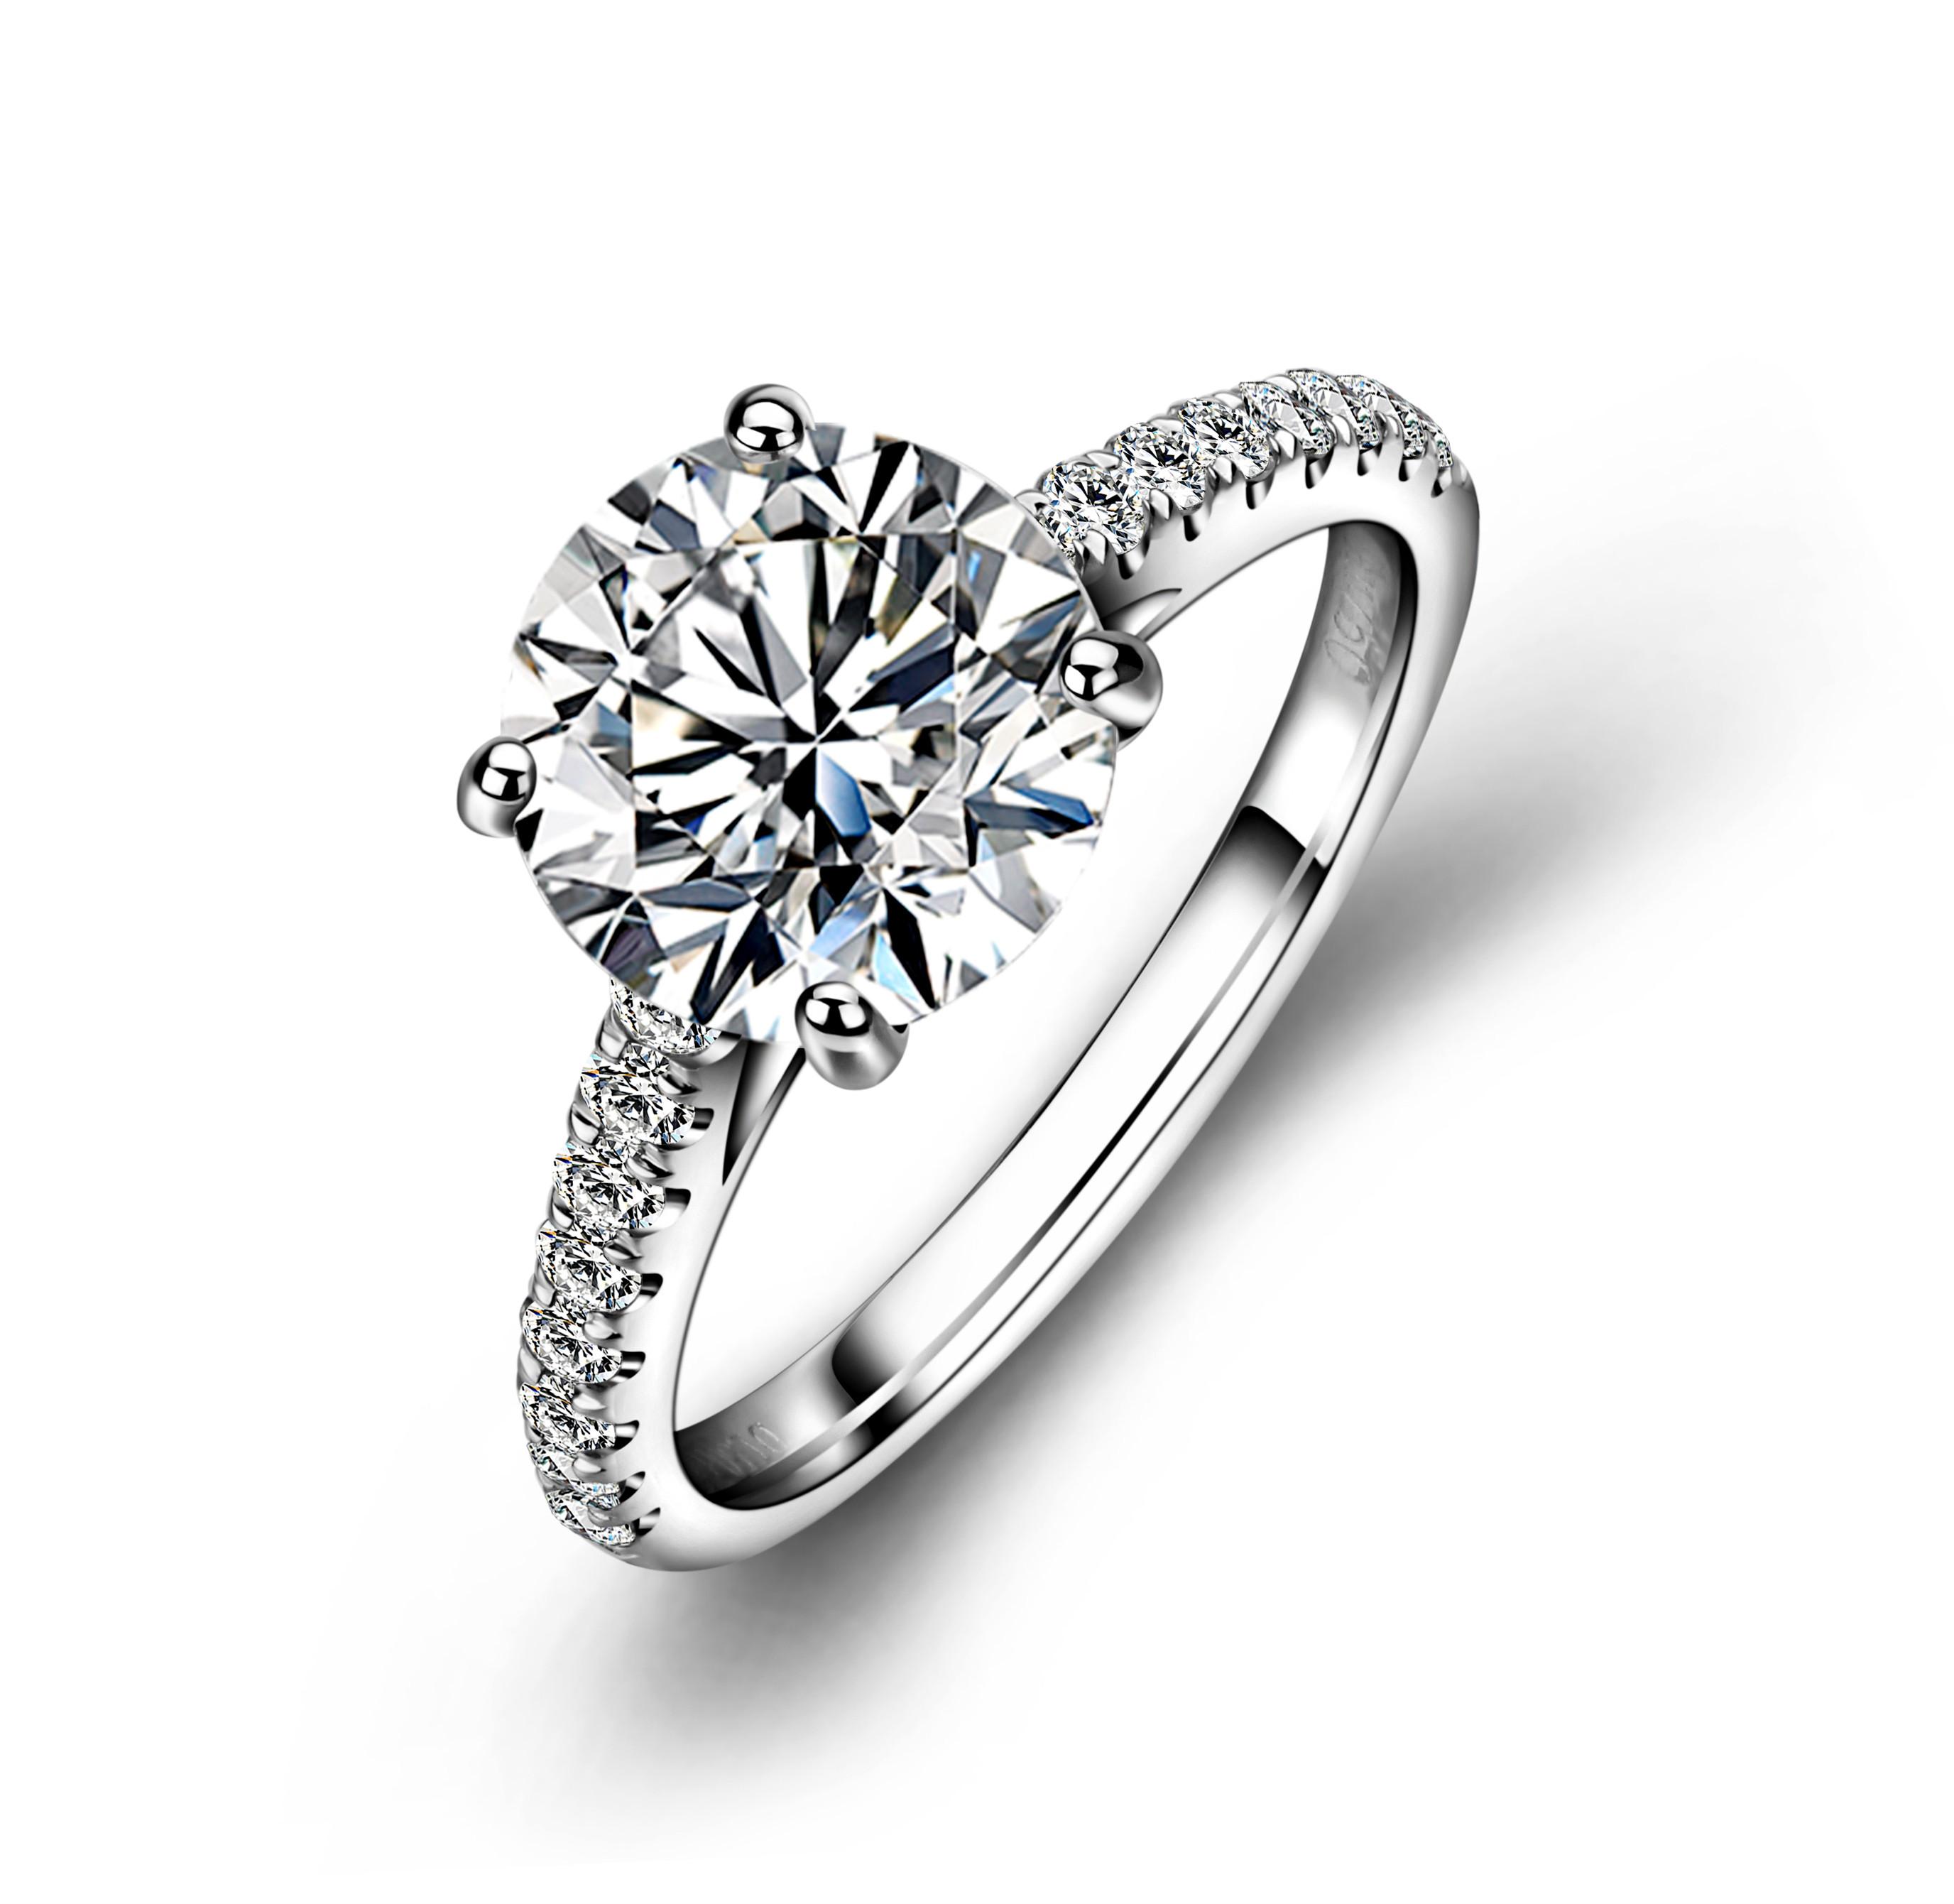 Ultima moda Su Misura 18 k oro bianco diamante sintetico anello di fidanzamento moissanite